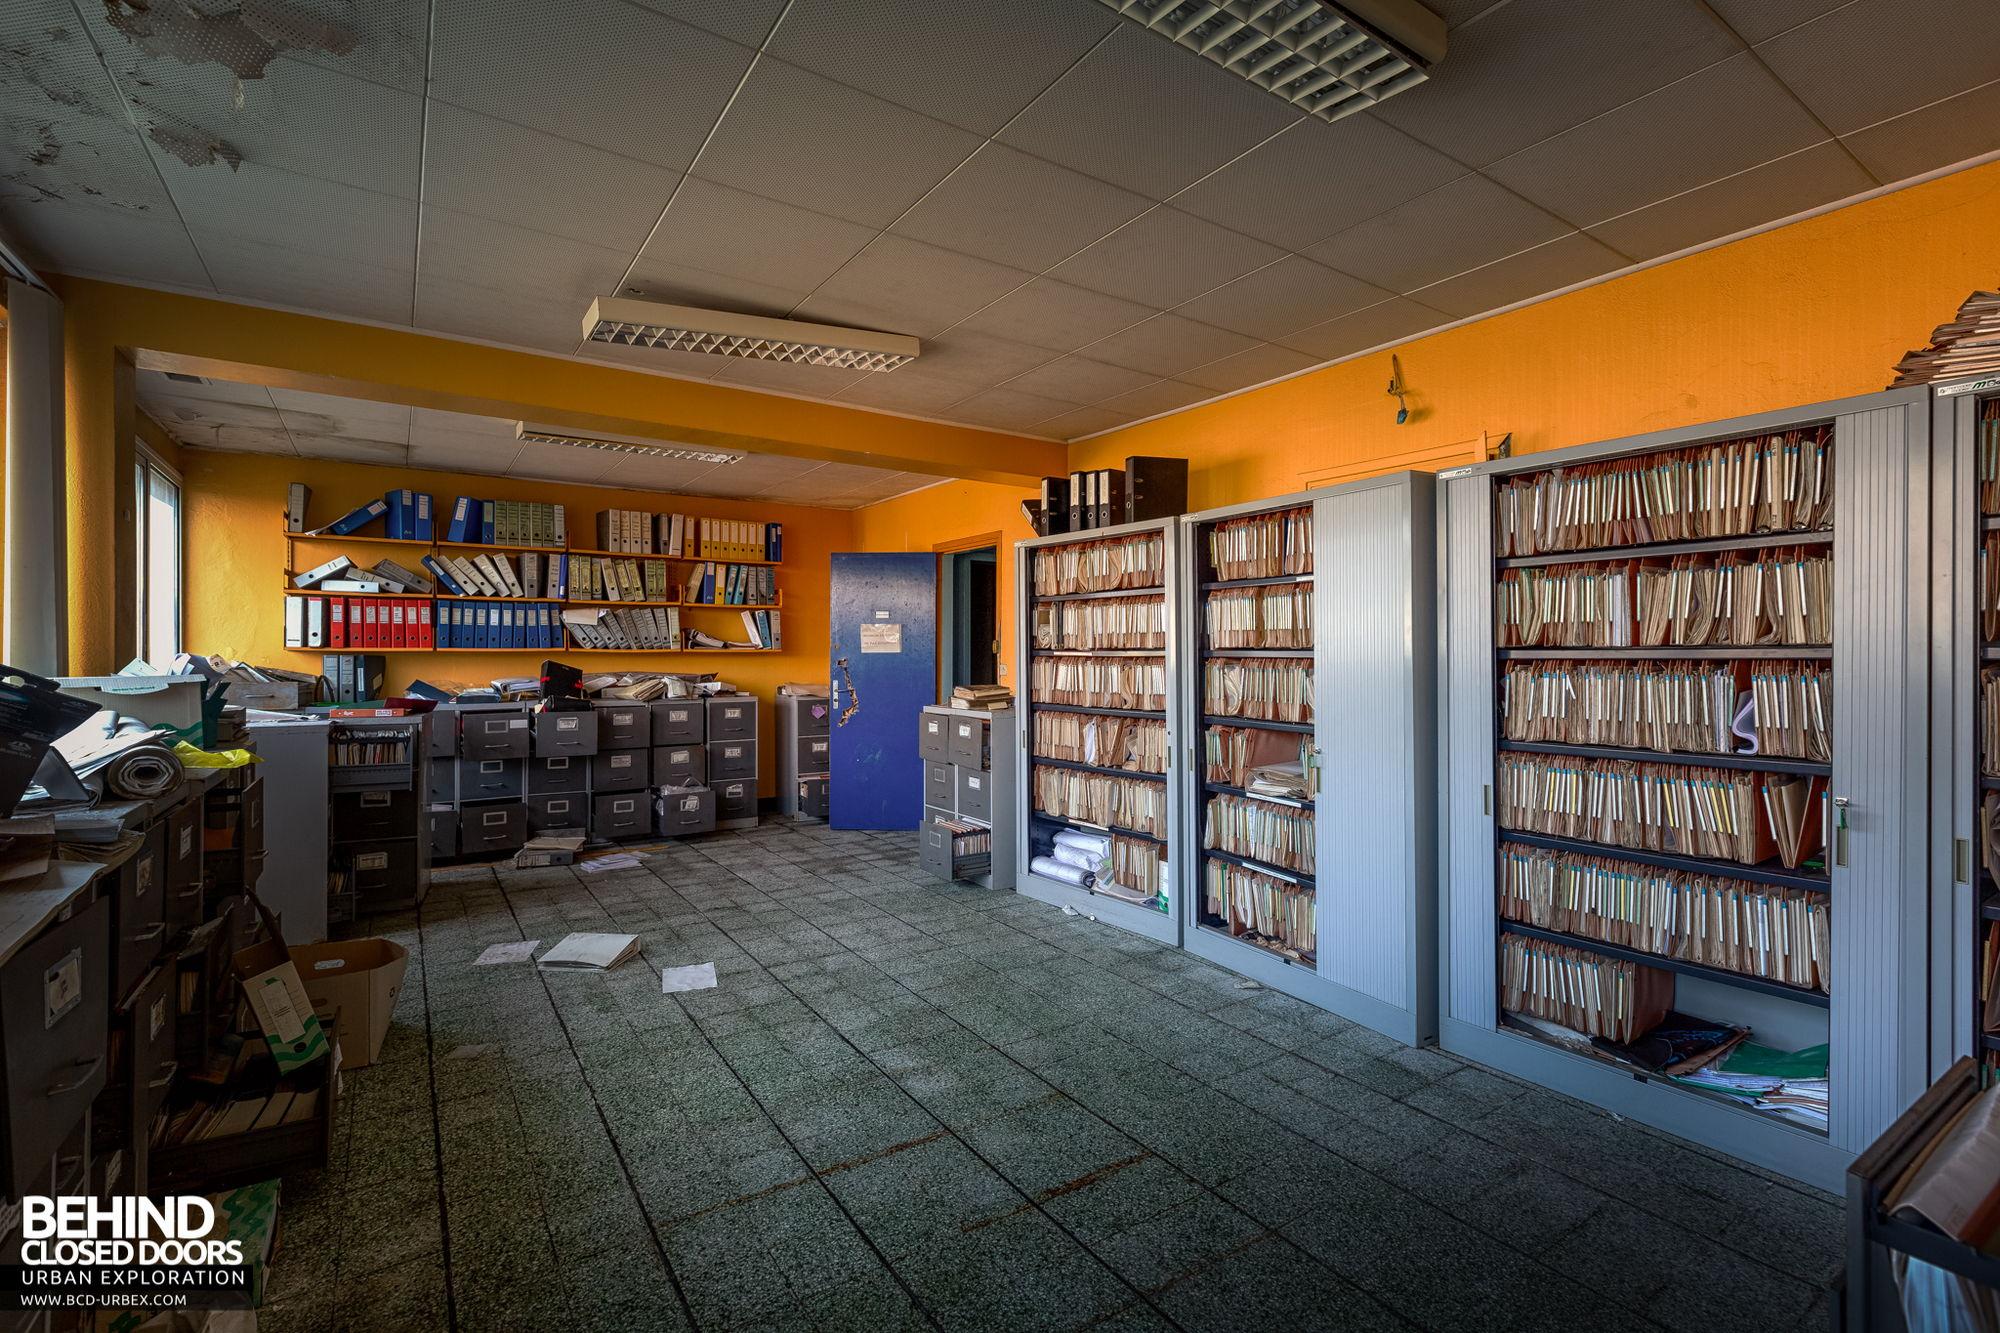 Stora Enso, Corbehem - Old records storage room